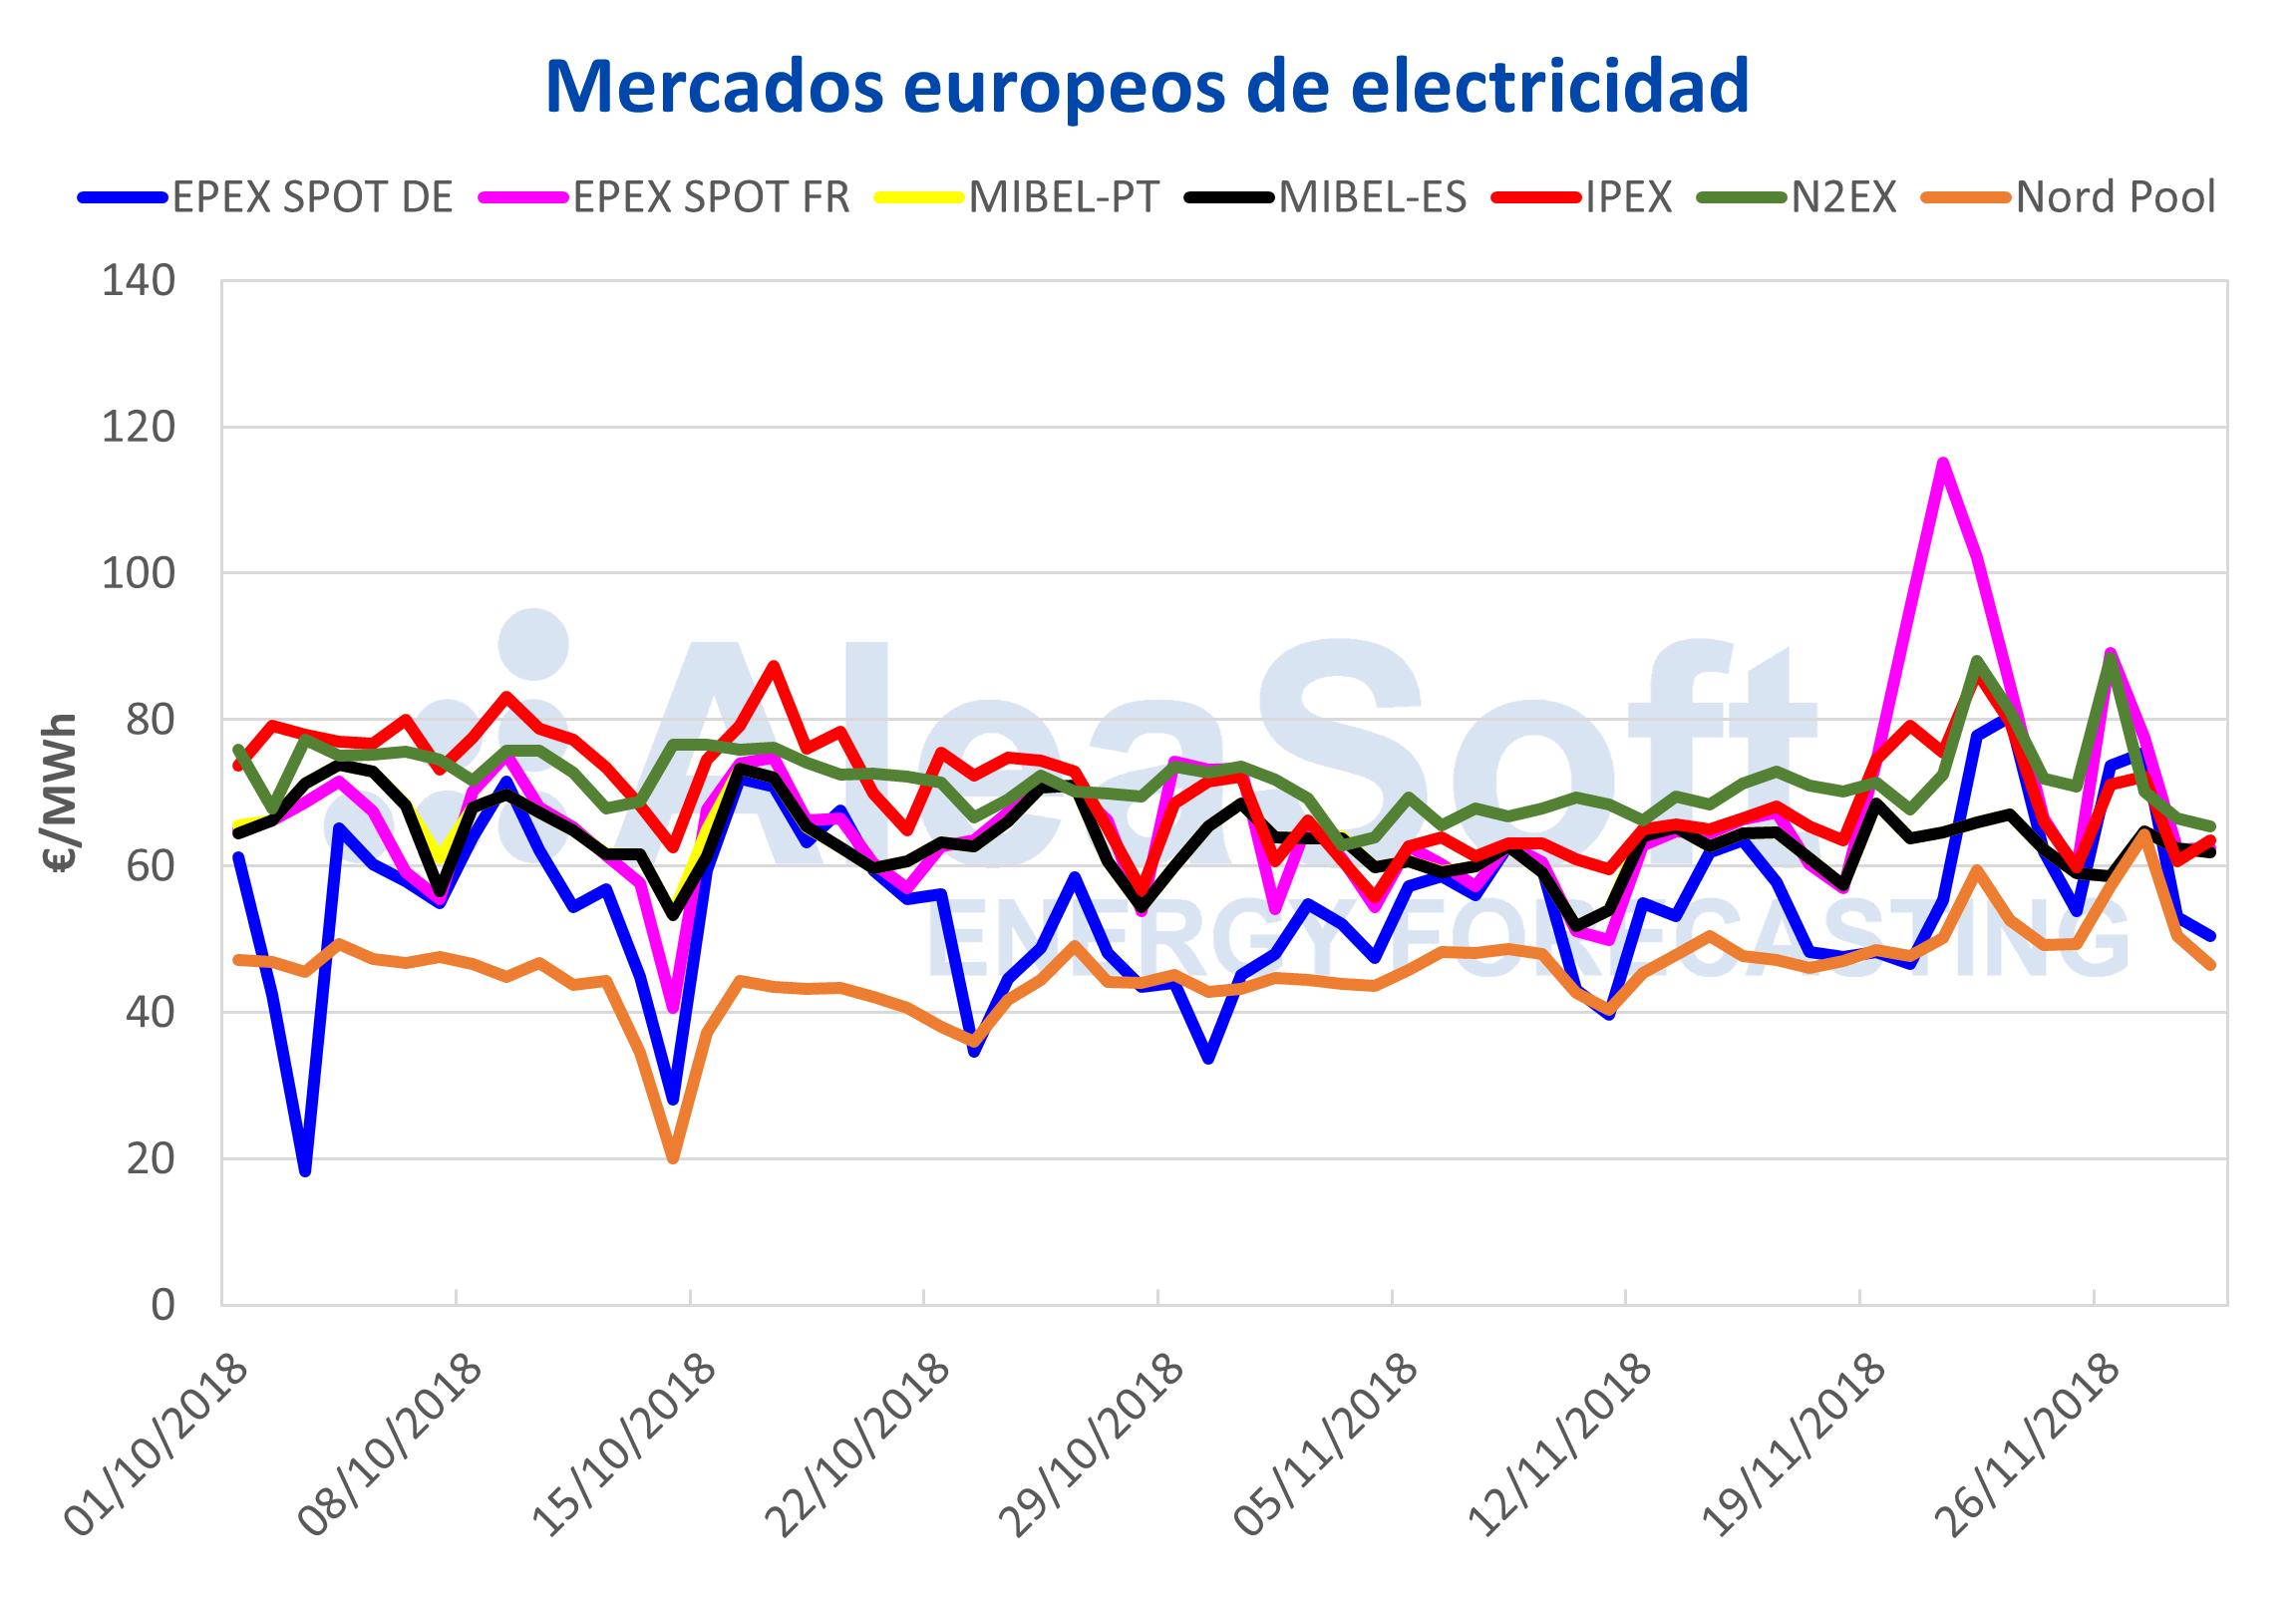 AleaSoft - Precios de mercados europeos de electricidad